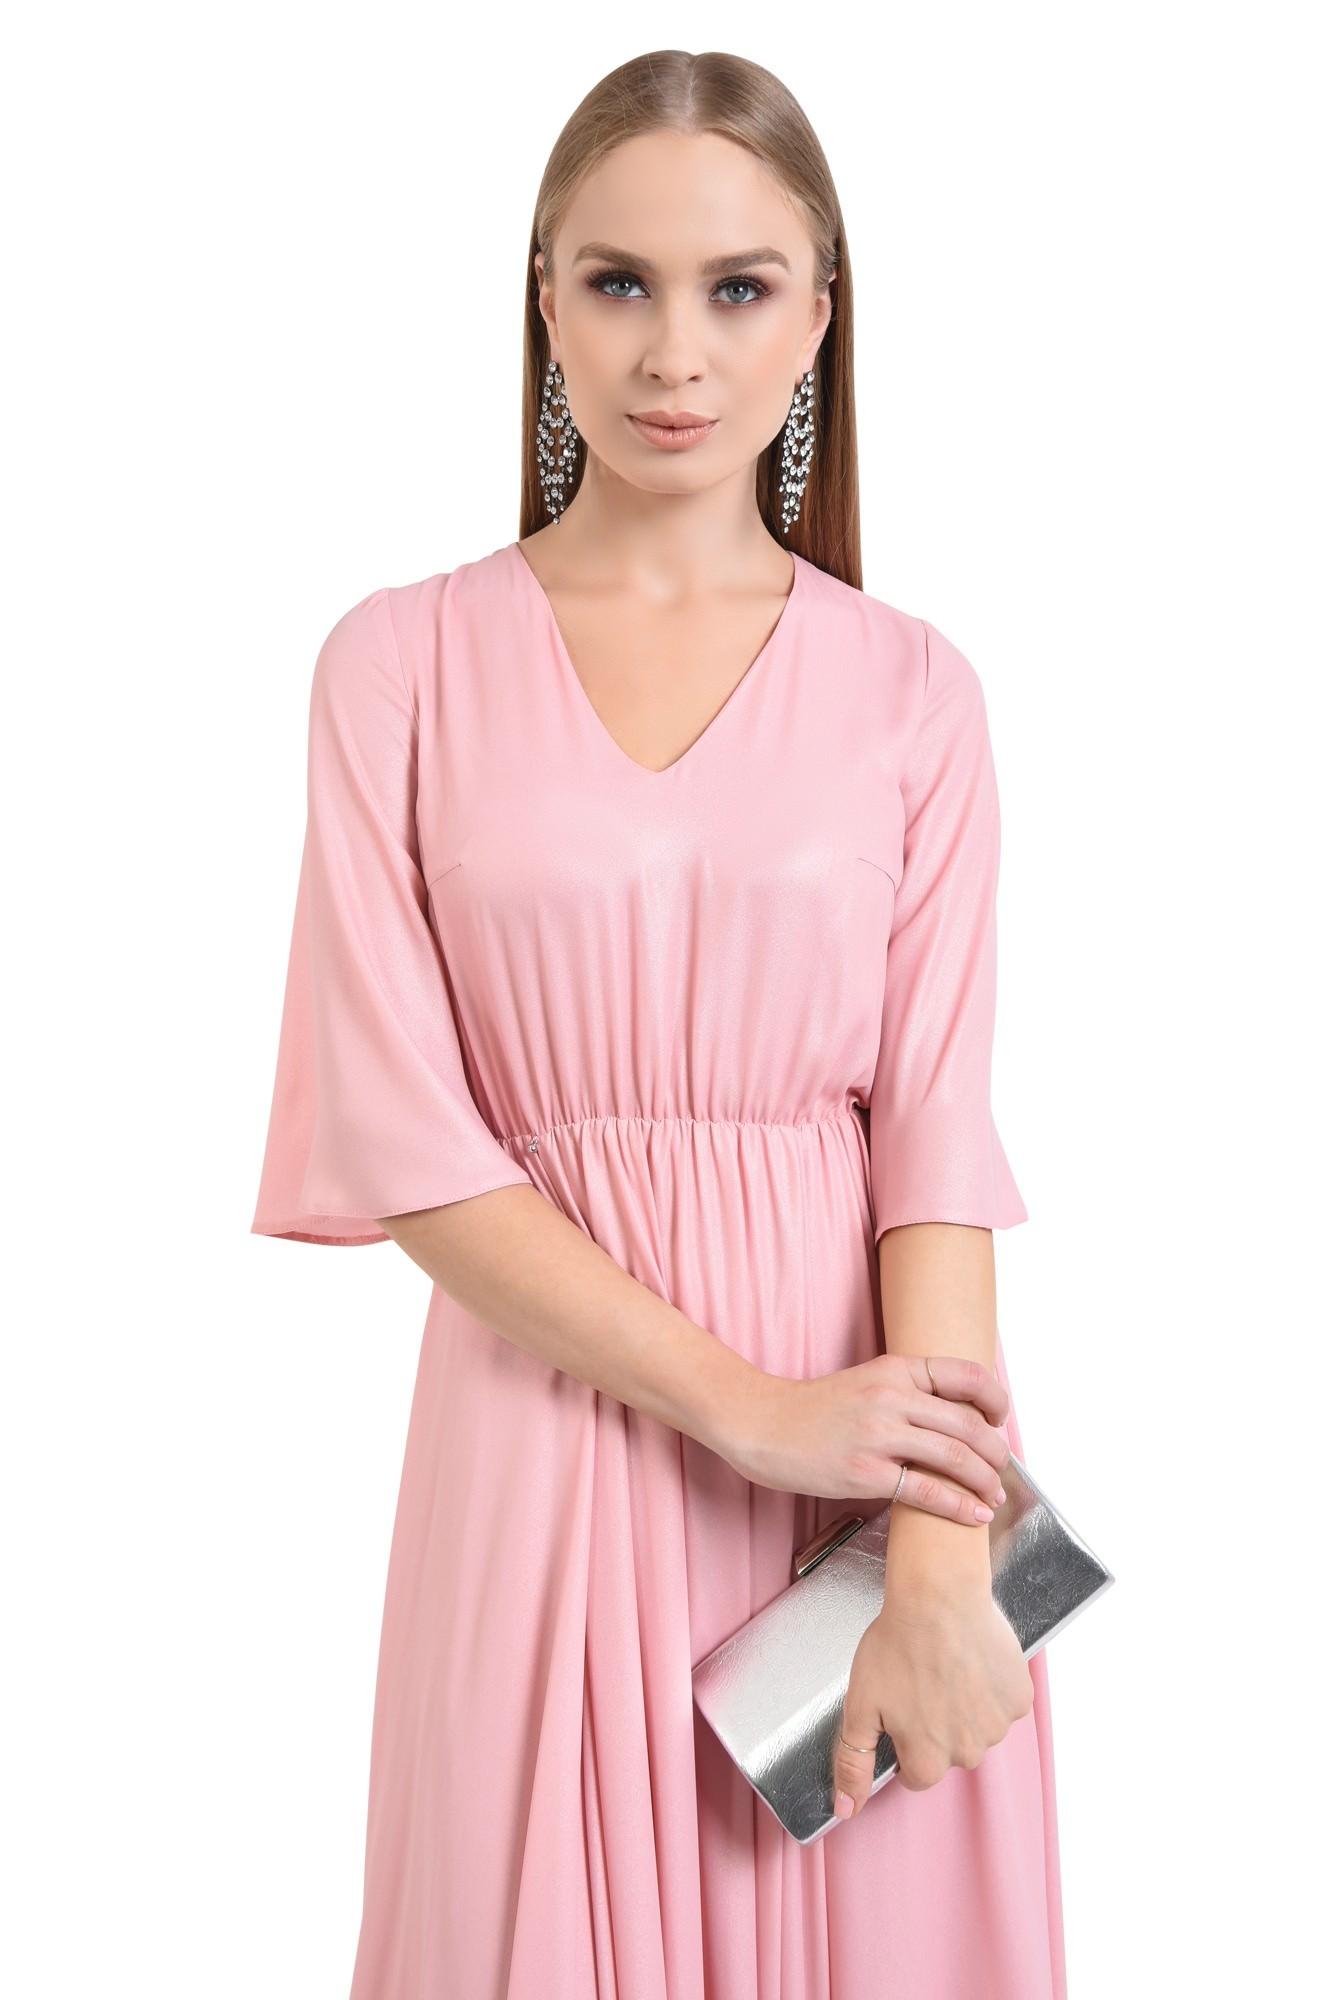 0 - rochie eleganta cloche, roz, lurex, midi